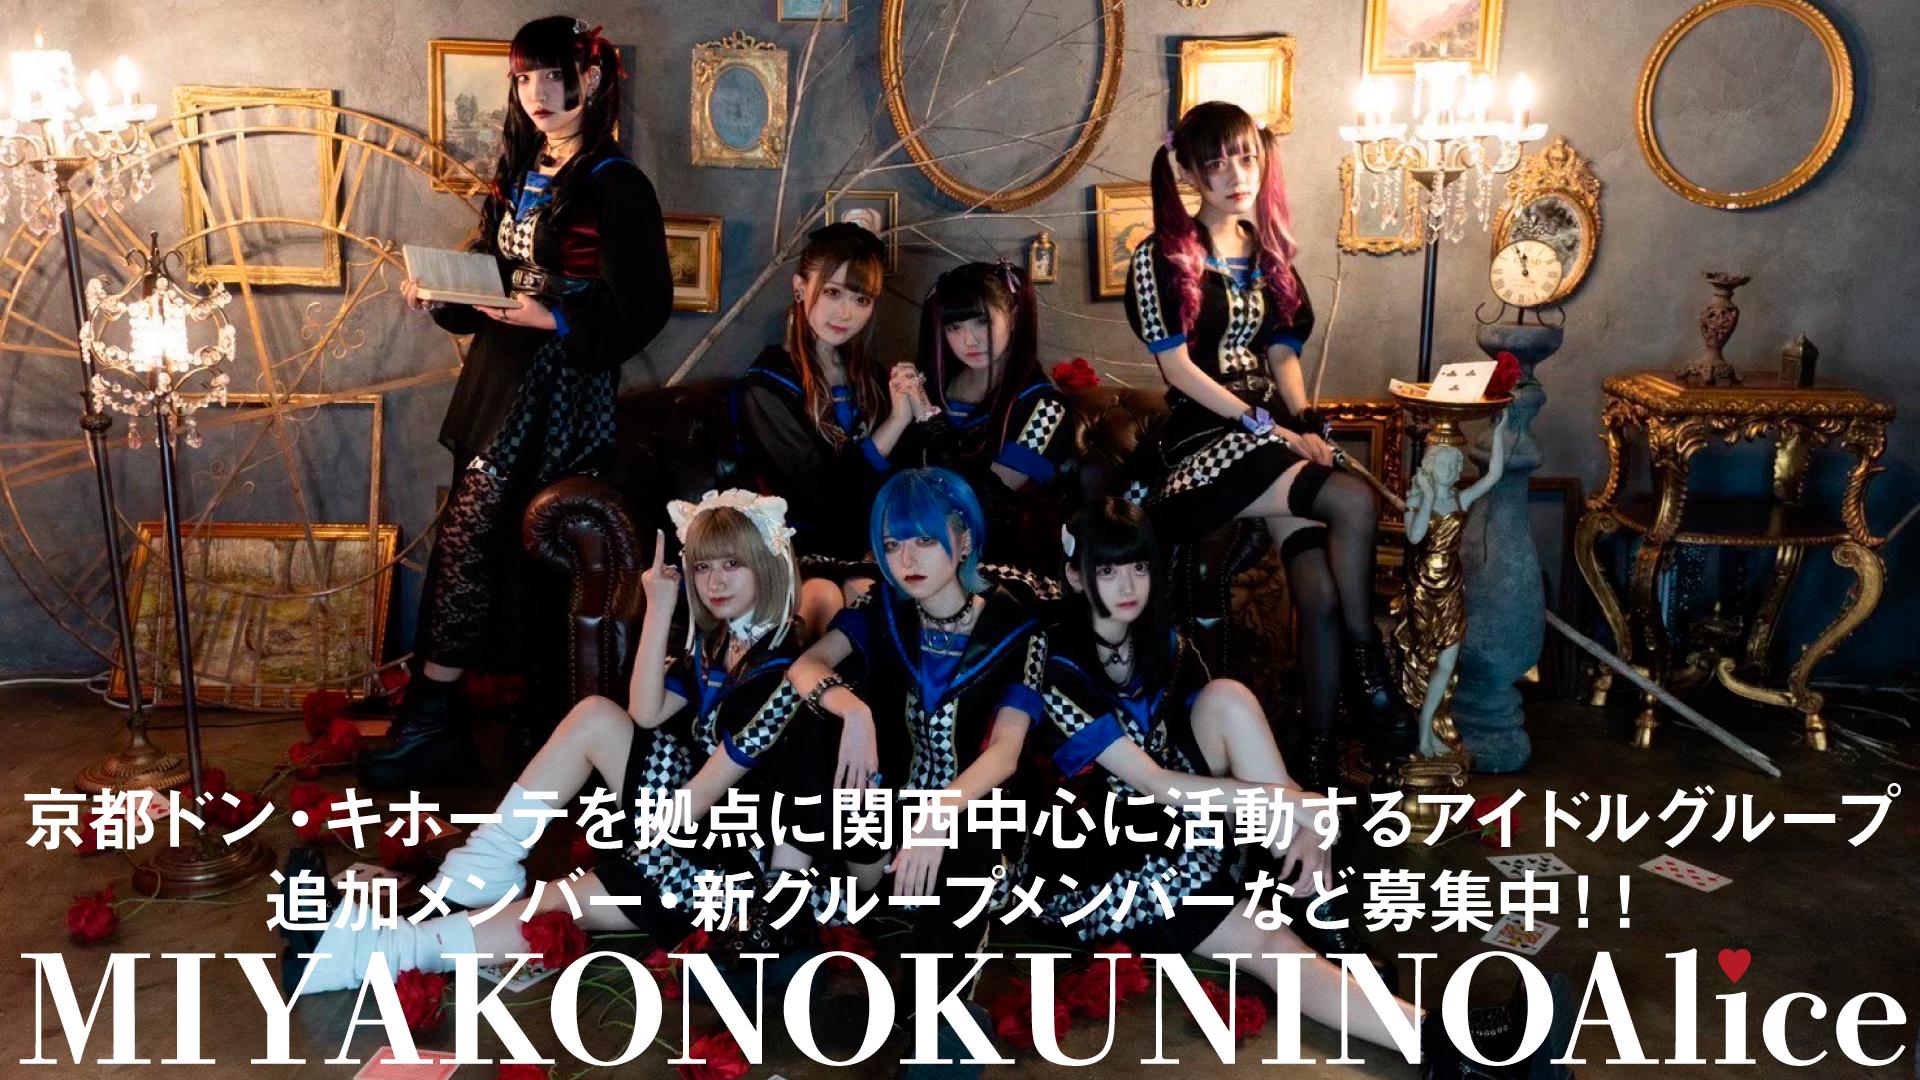 オーディション [関西]「都の国のアリス」「ほわいとありす」メンバー募集 京都ドン・キホーテを拠点に活動するアイドル 主催:株式会社Pioneer Entertainment、カテゴリ:アイドル(東京以外)